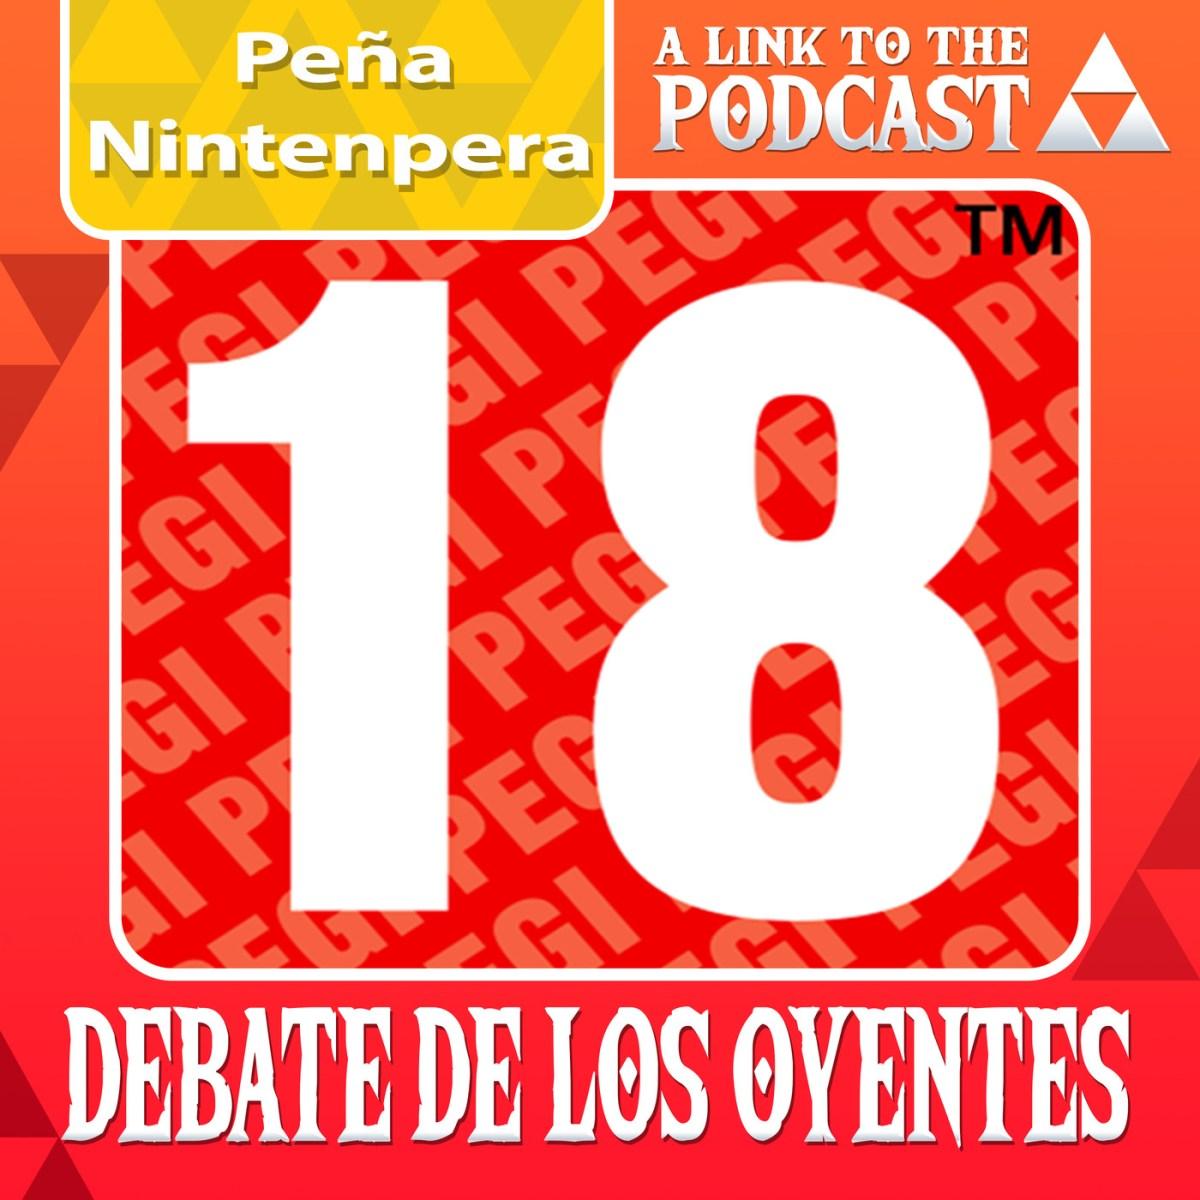 Especial Peña Nintenpera: Debate de los oyentes